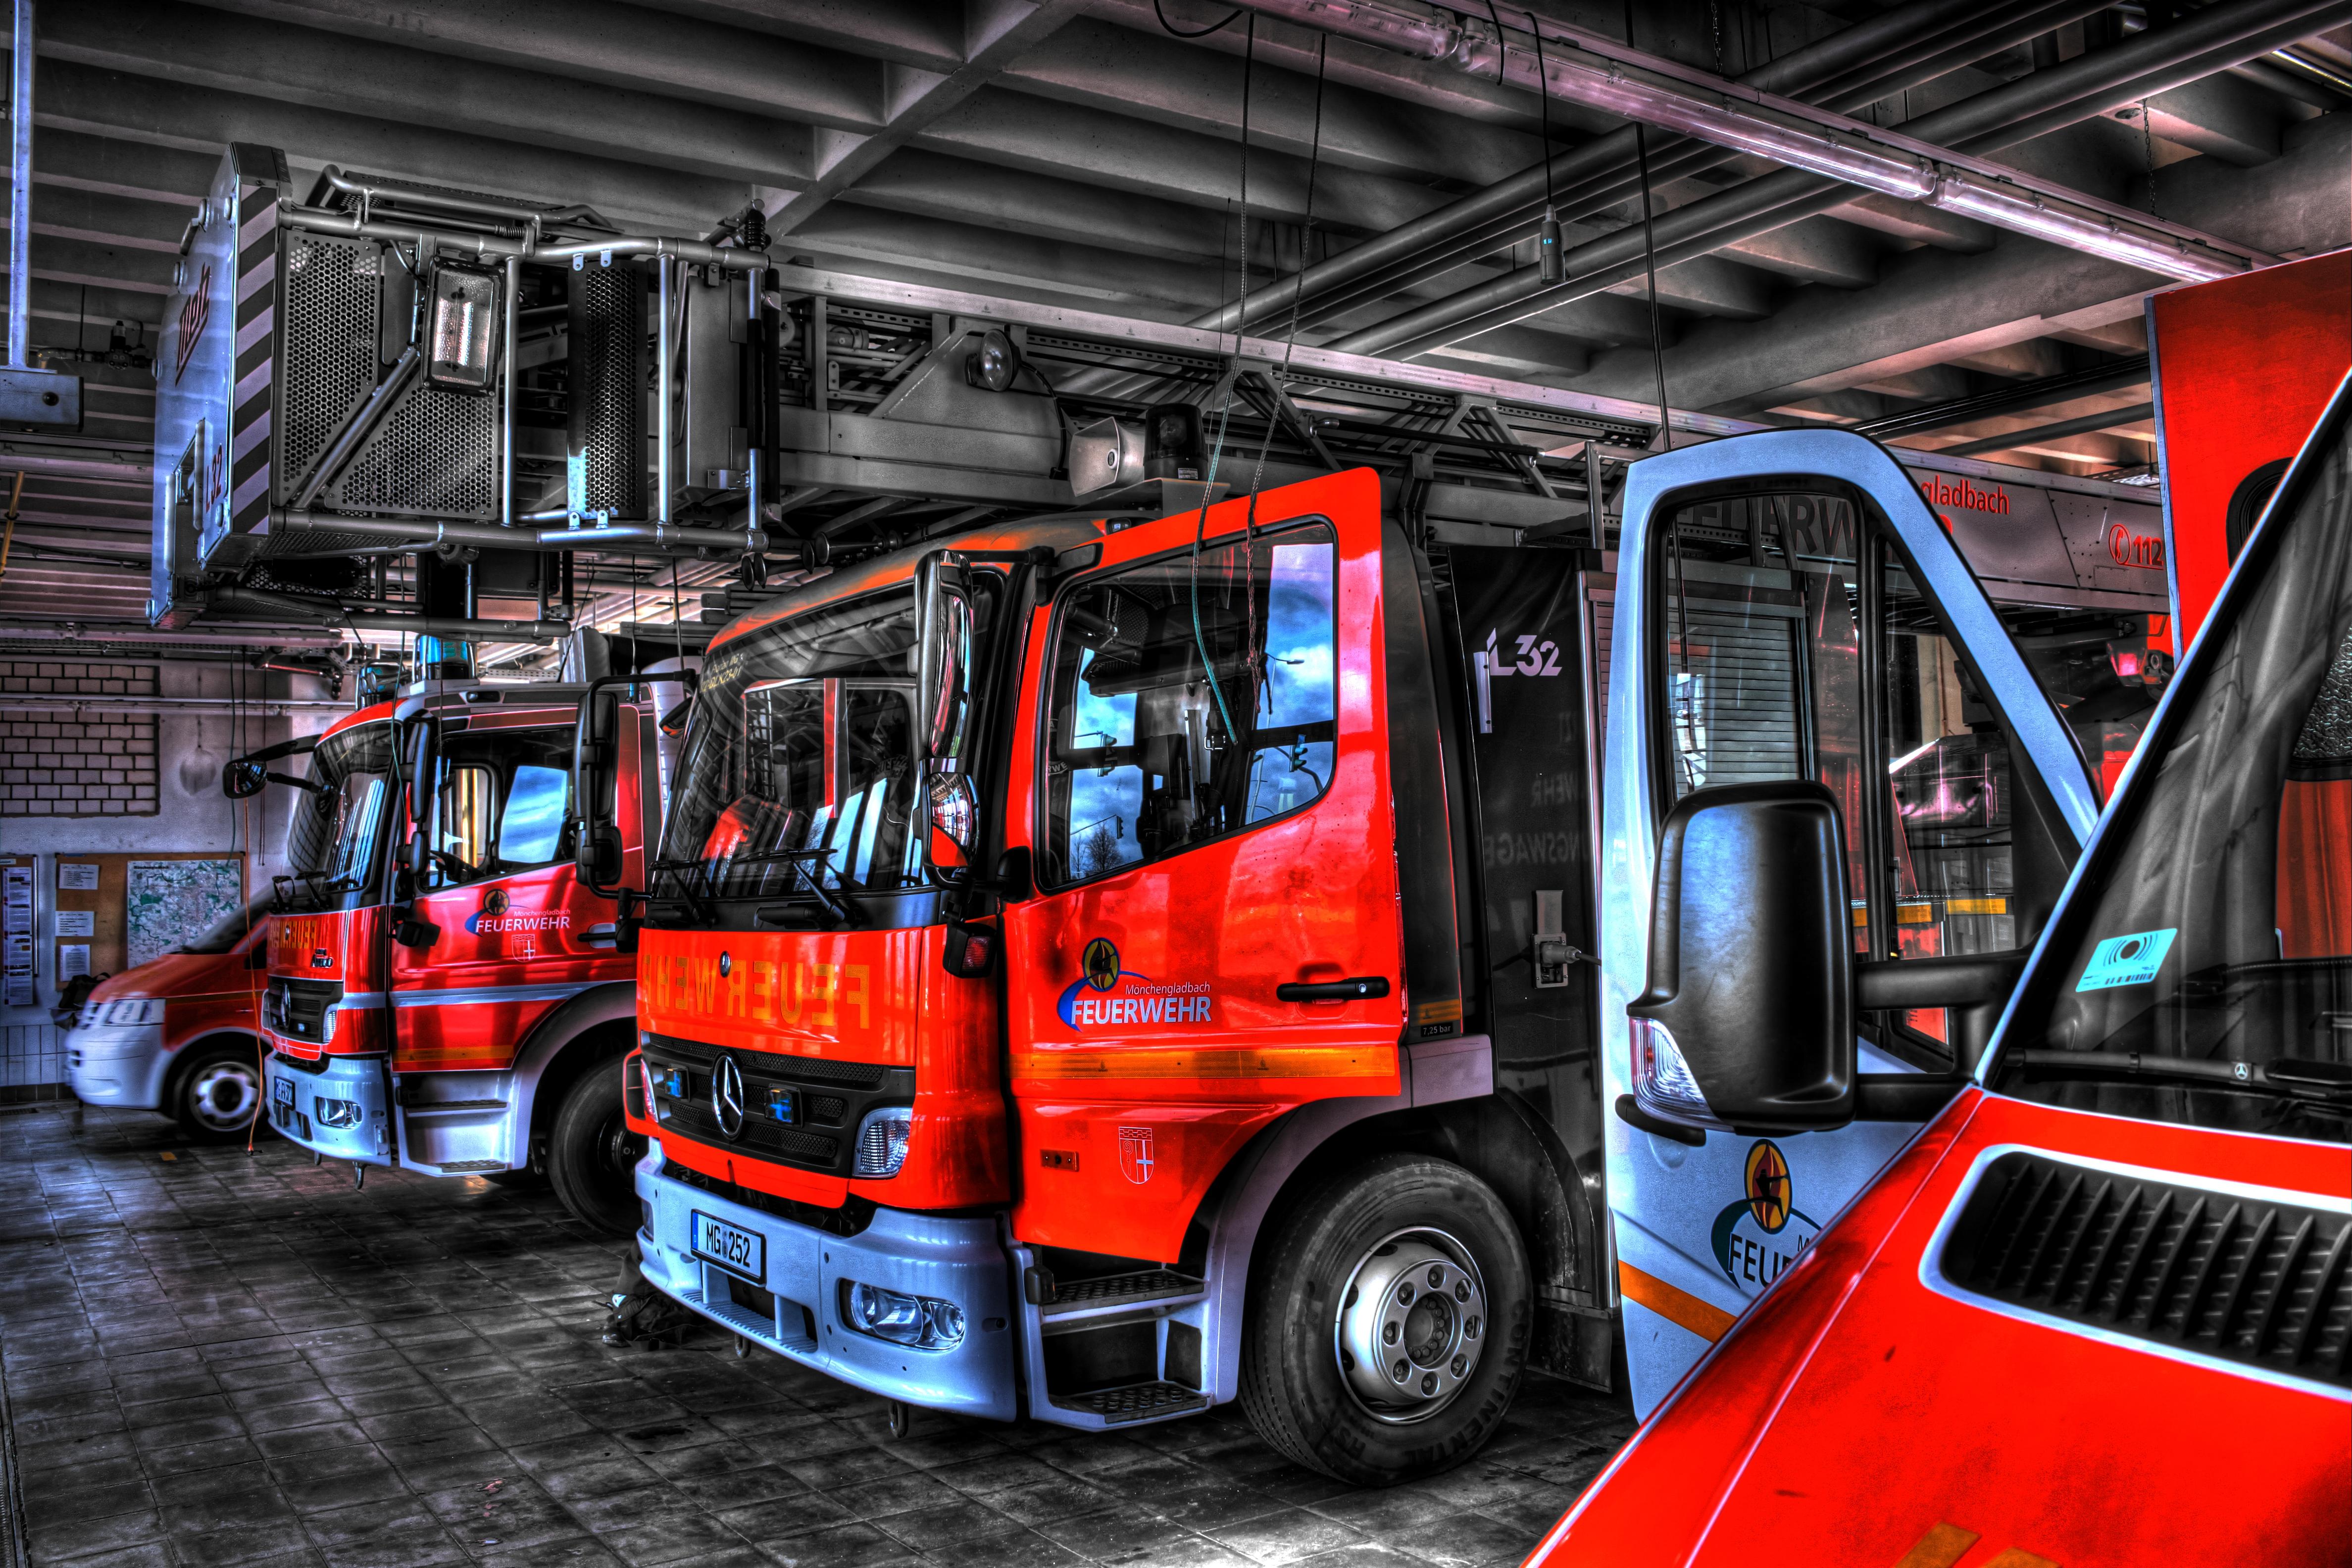 Angebranntes Essen sorgt für Feuerwehreinsatz (Foto: OTS)